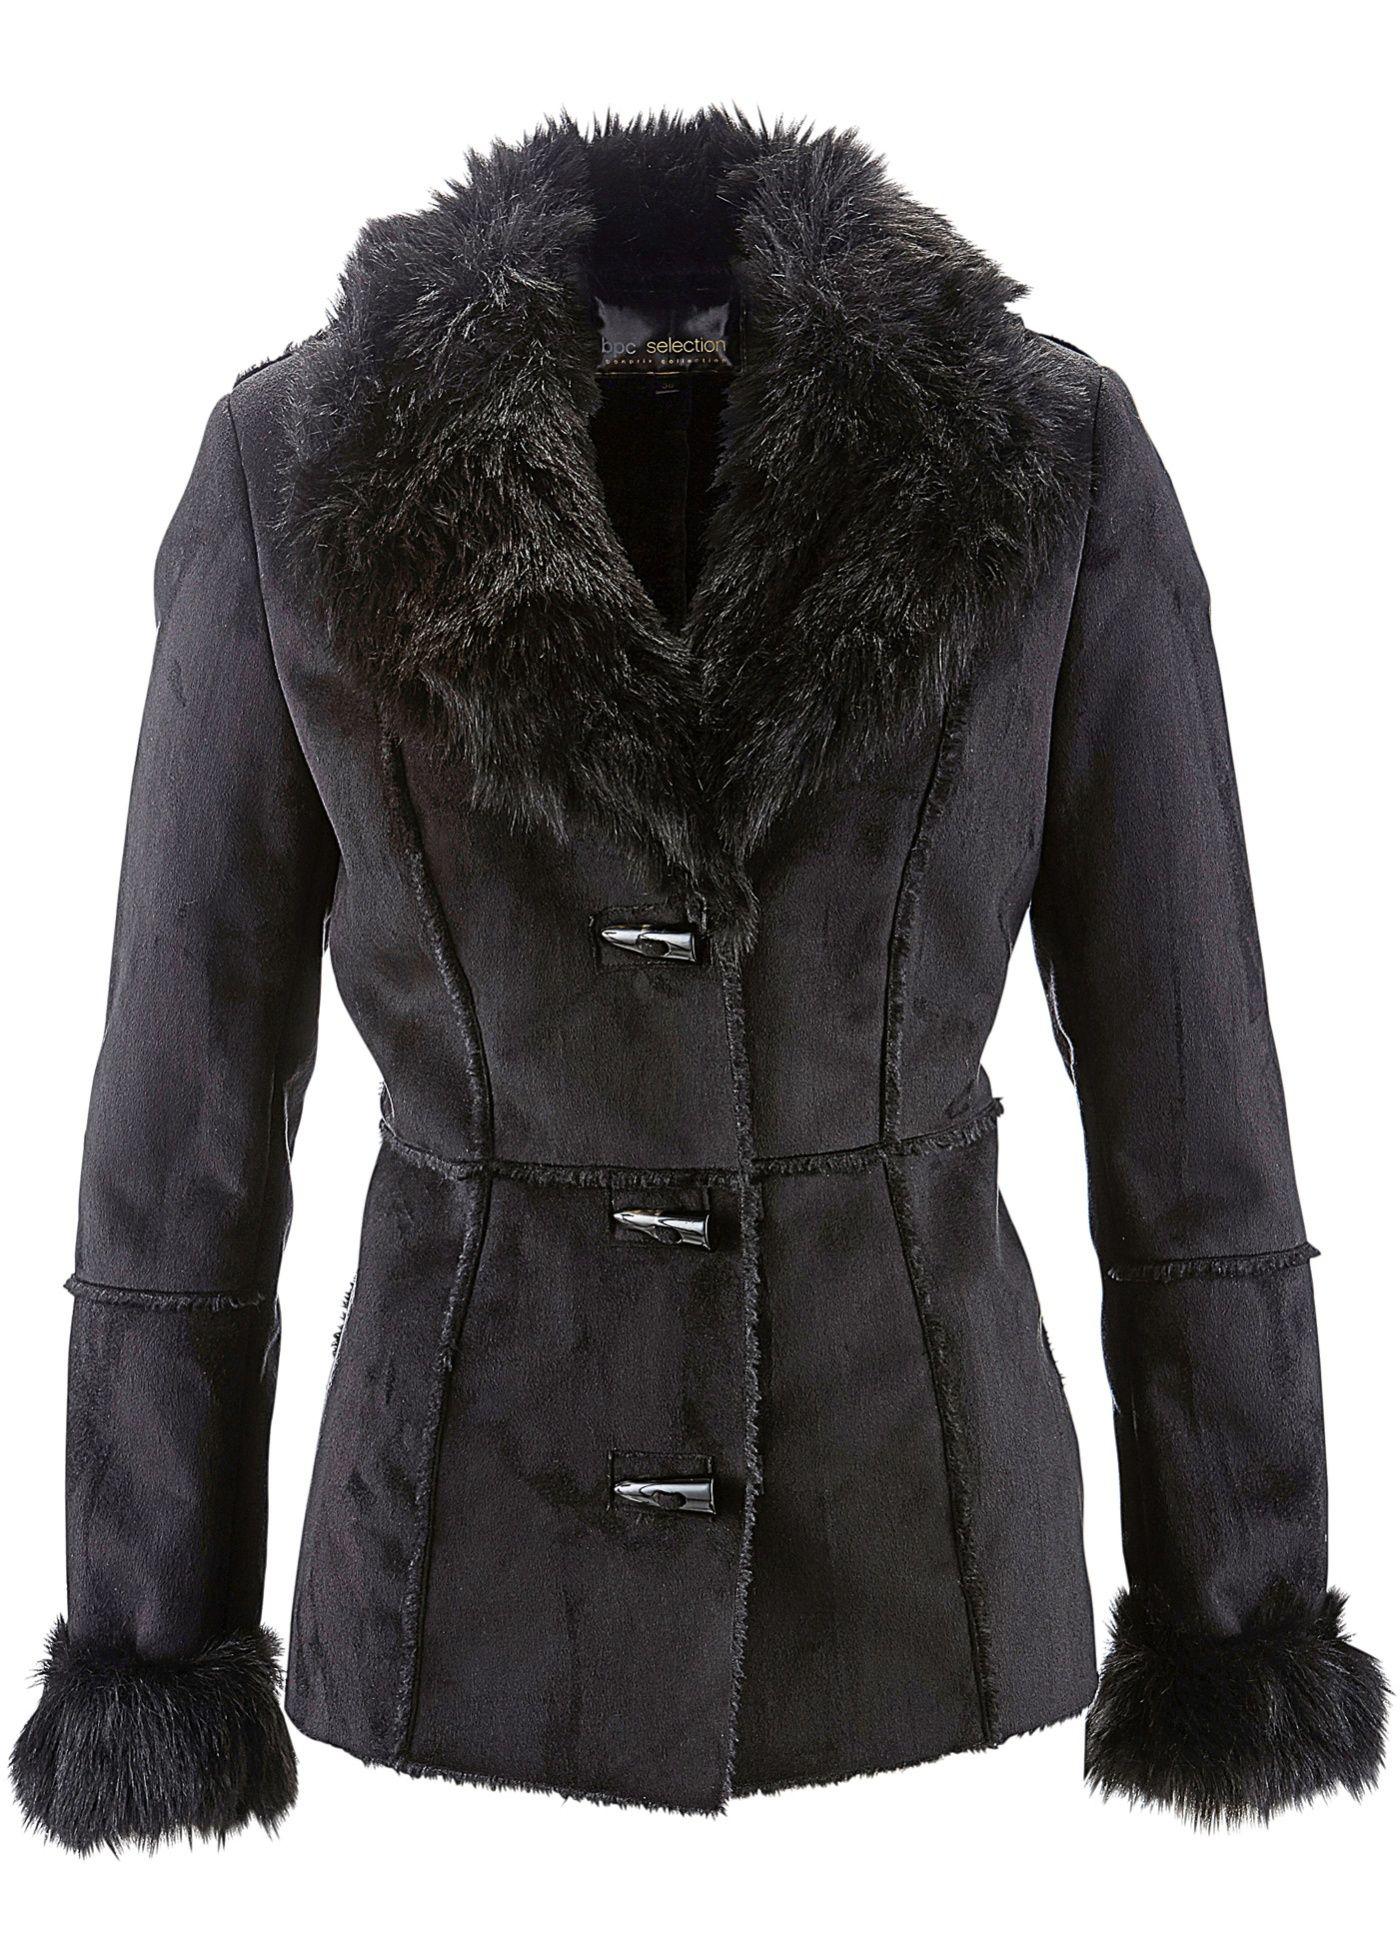 d7ad6329147 Bunda z umělé kůže černá - koupit online - bonprix.cz Elegantní bunda z  umělé kůže